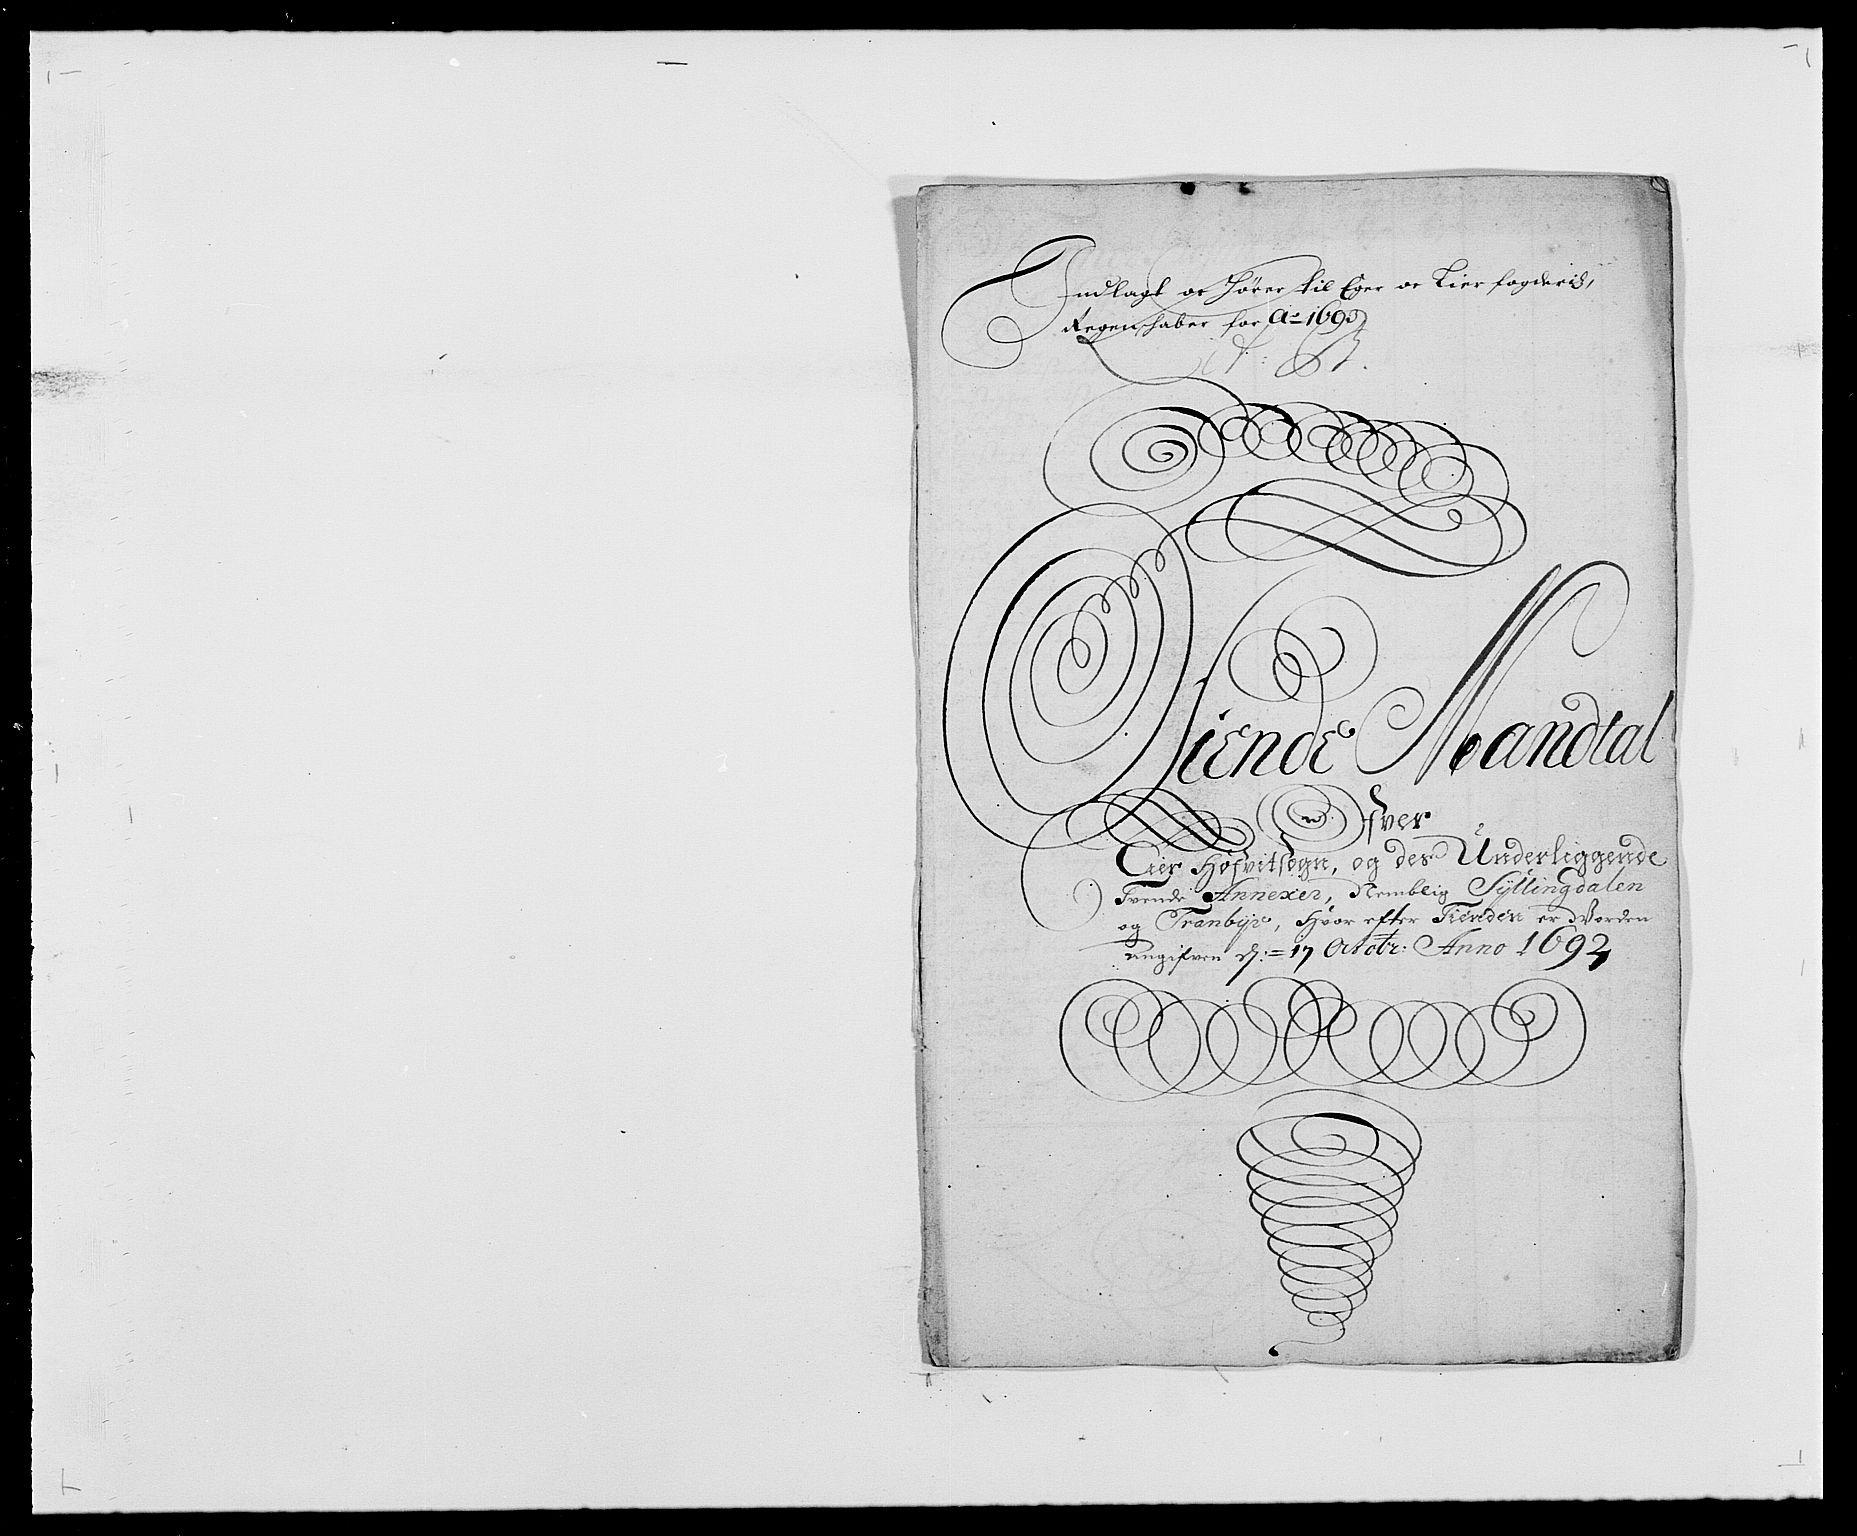 RA, Rentekammeret inntil 1814, Reviderte regnskaper, Fogderegnskap, R28/L1690: Fogderegnskap Eiker og Lier, 1692-1693, s. 139